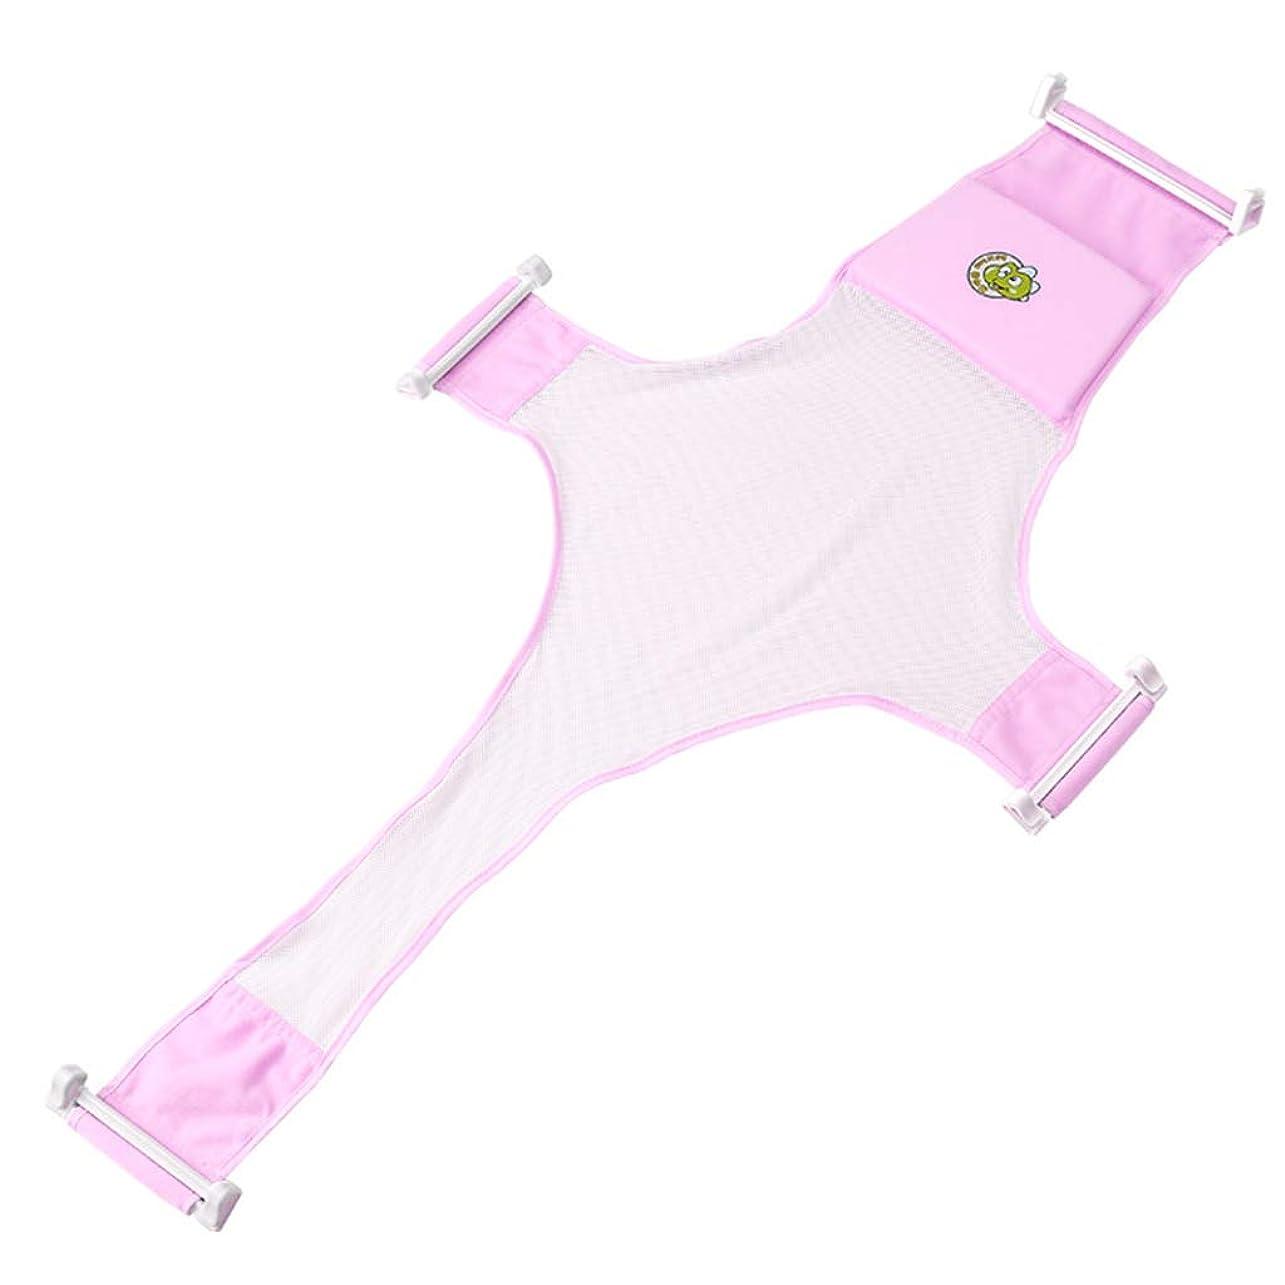 思われる発明する便利Oniorベビー十字架支網 調節可能 座席 支持網 滑り止め 快適 入浴 スタンドサスペンダー ハンモック 柔らかい ピンク